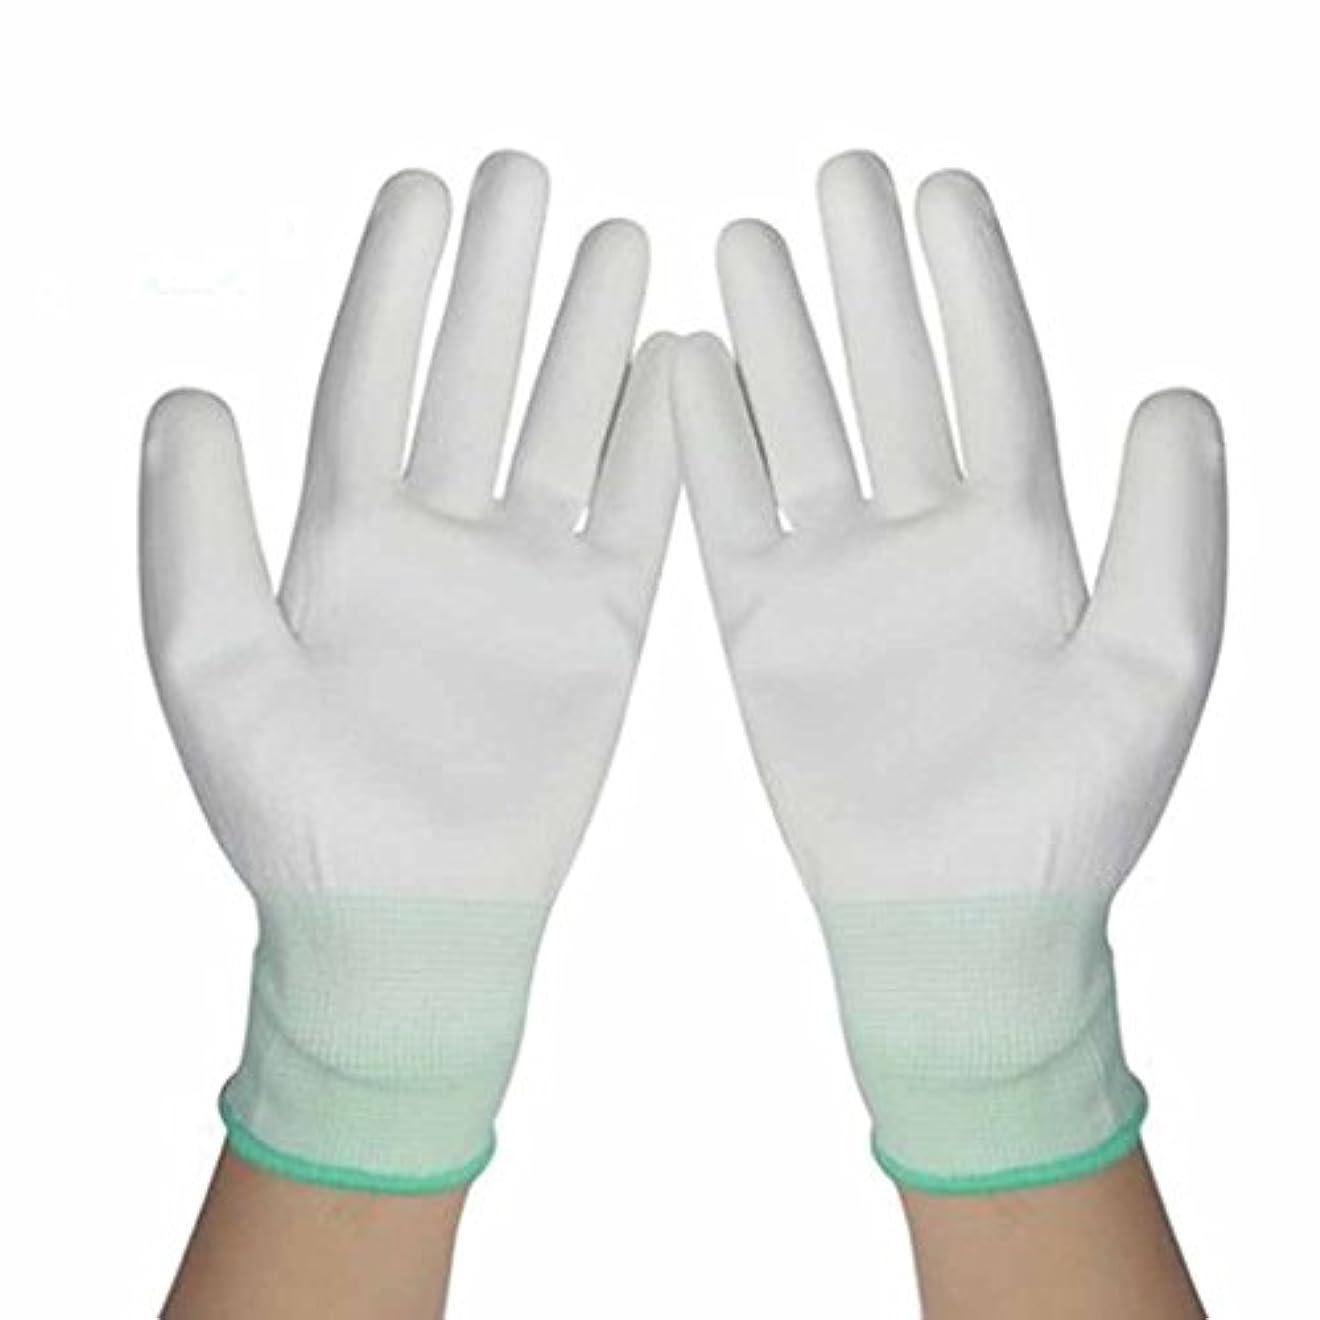 神秘代わってヒューズ使い捨て手袋 労働保険の保護ナイロン浸漬手袋防塵の帯電防止通気性耐摩耗手袋 (Size : 40 pairs)